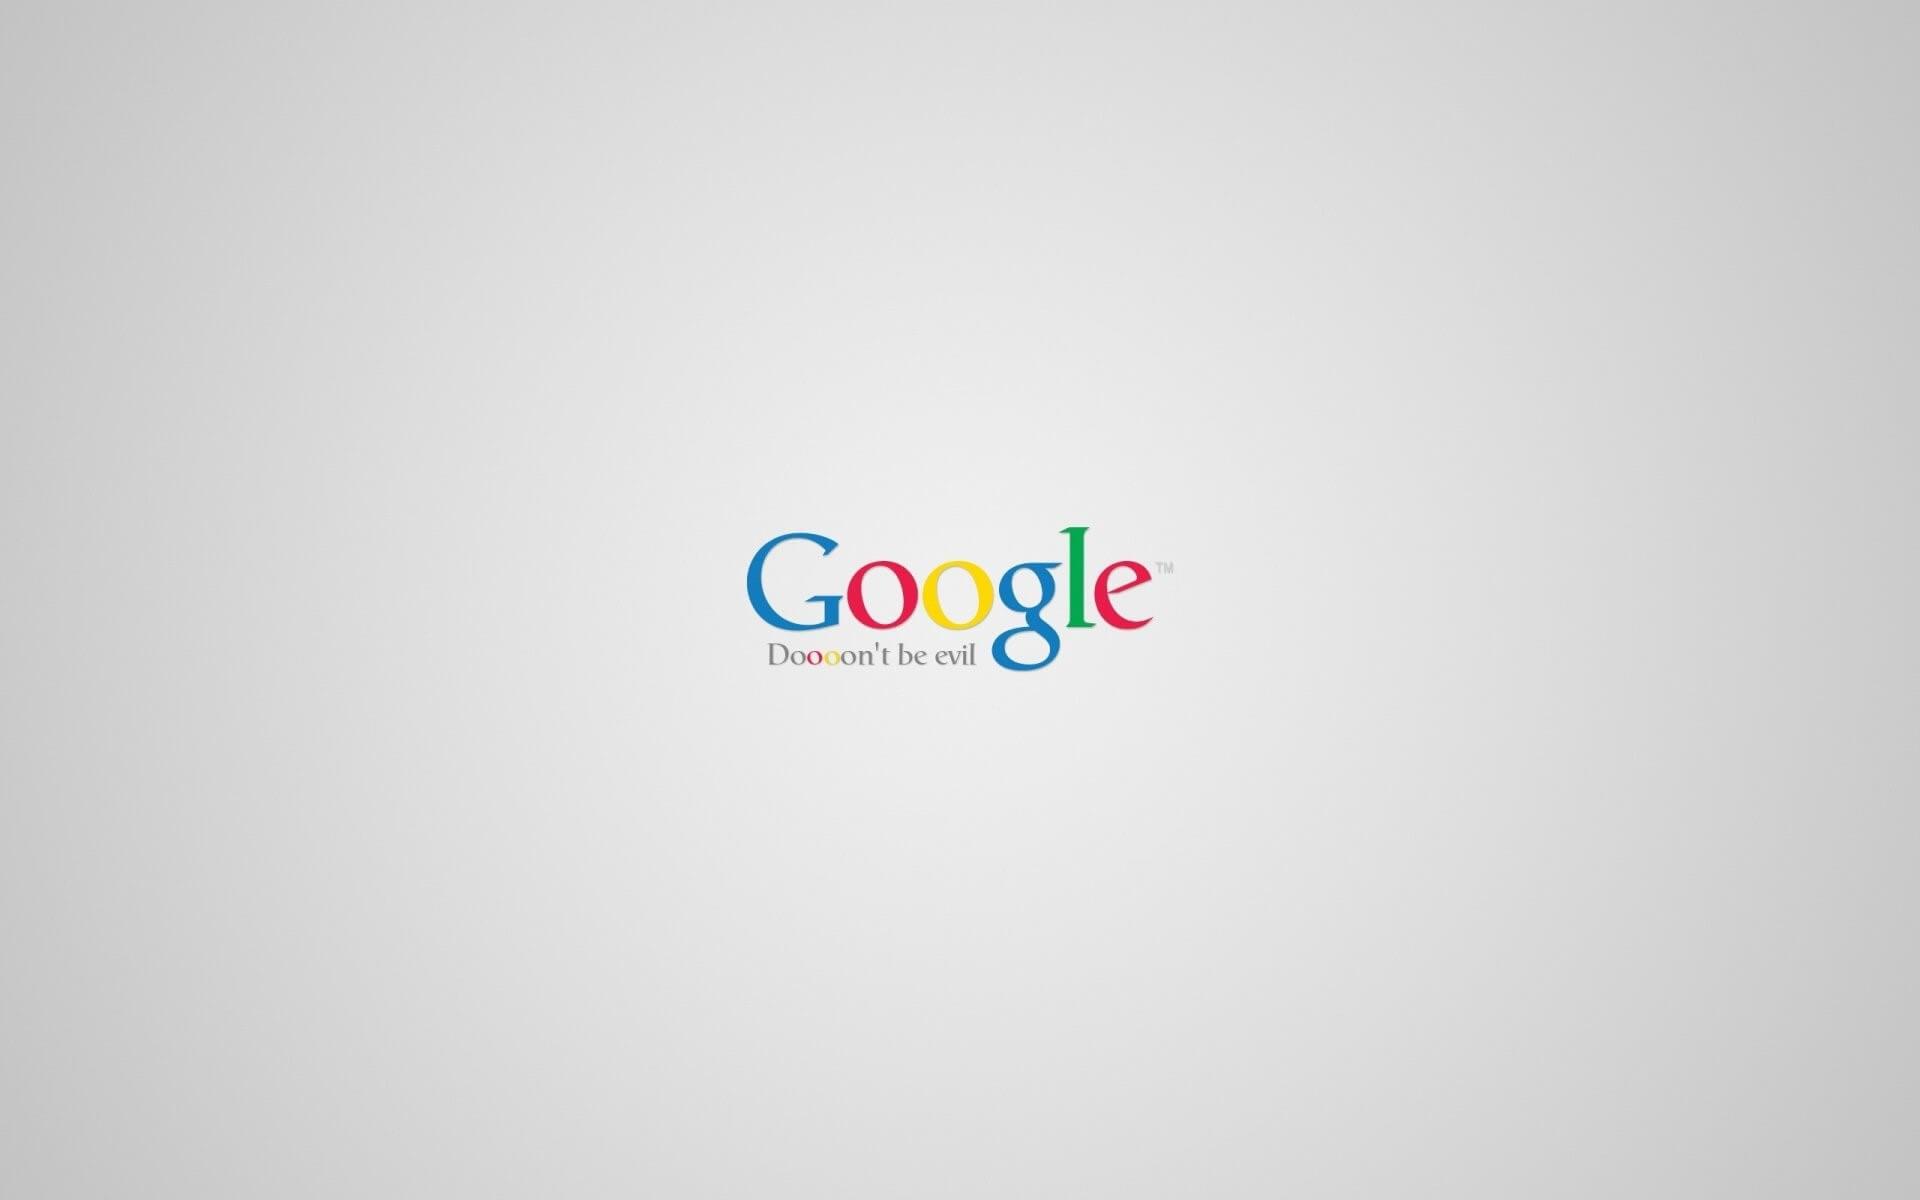 hình nền logo của công cụ tìm kiếm Google số 11